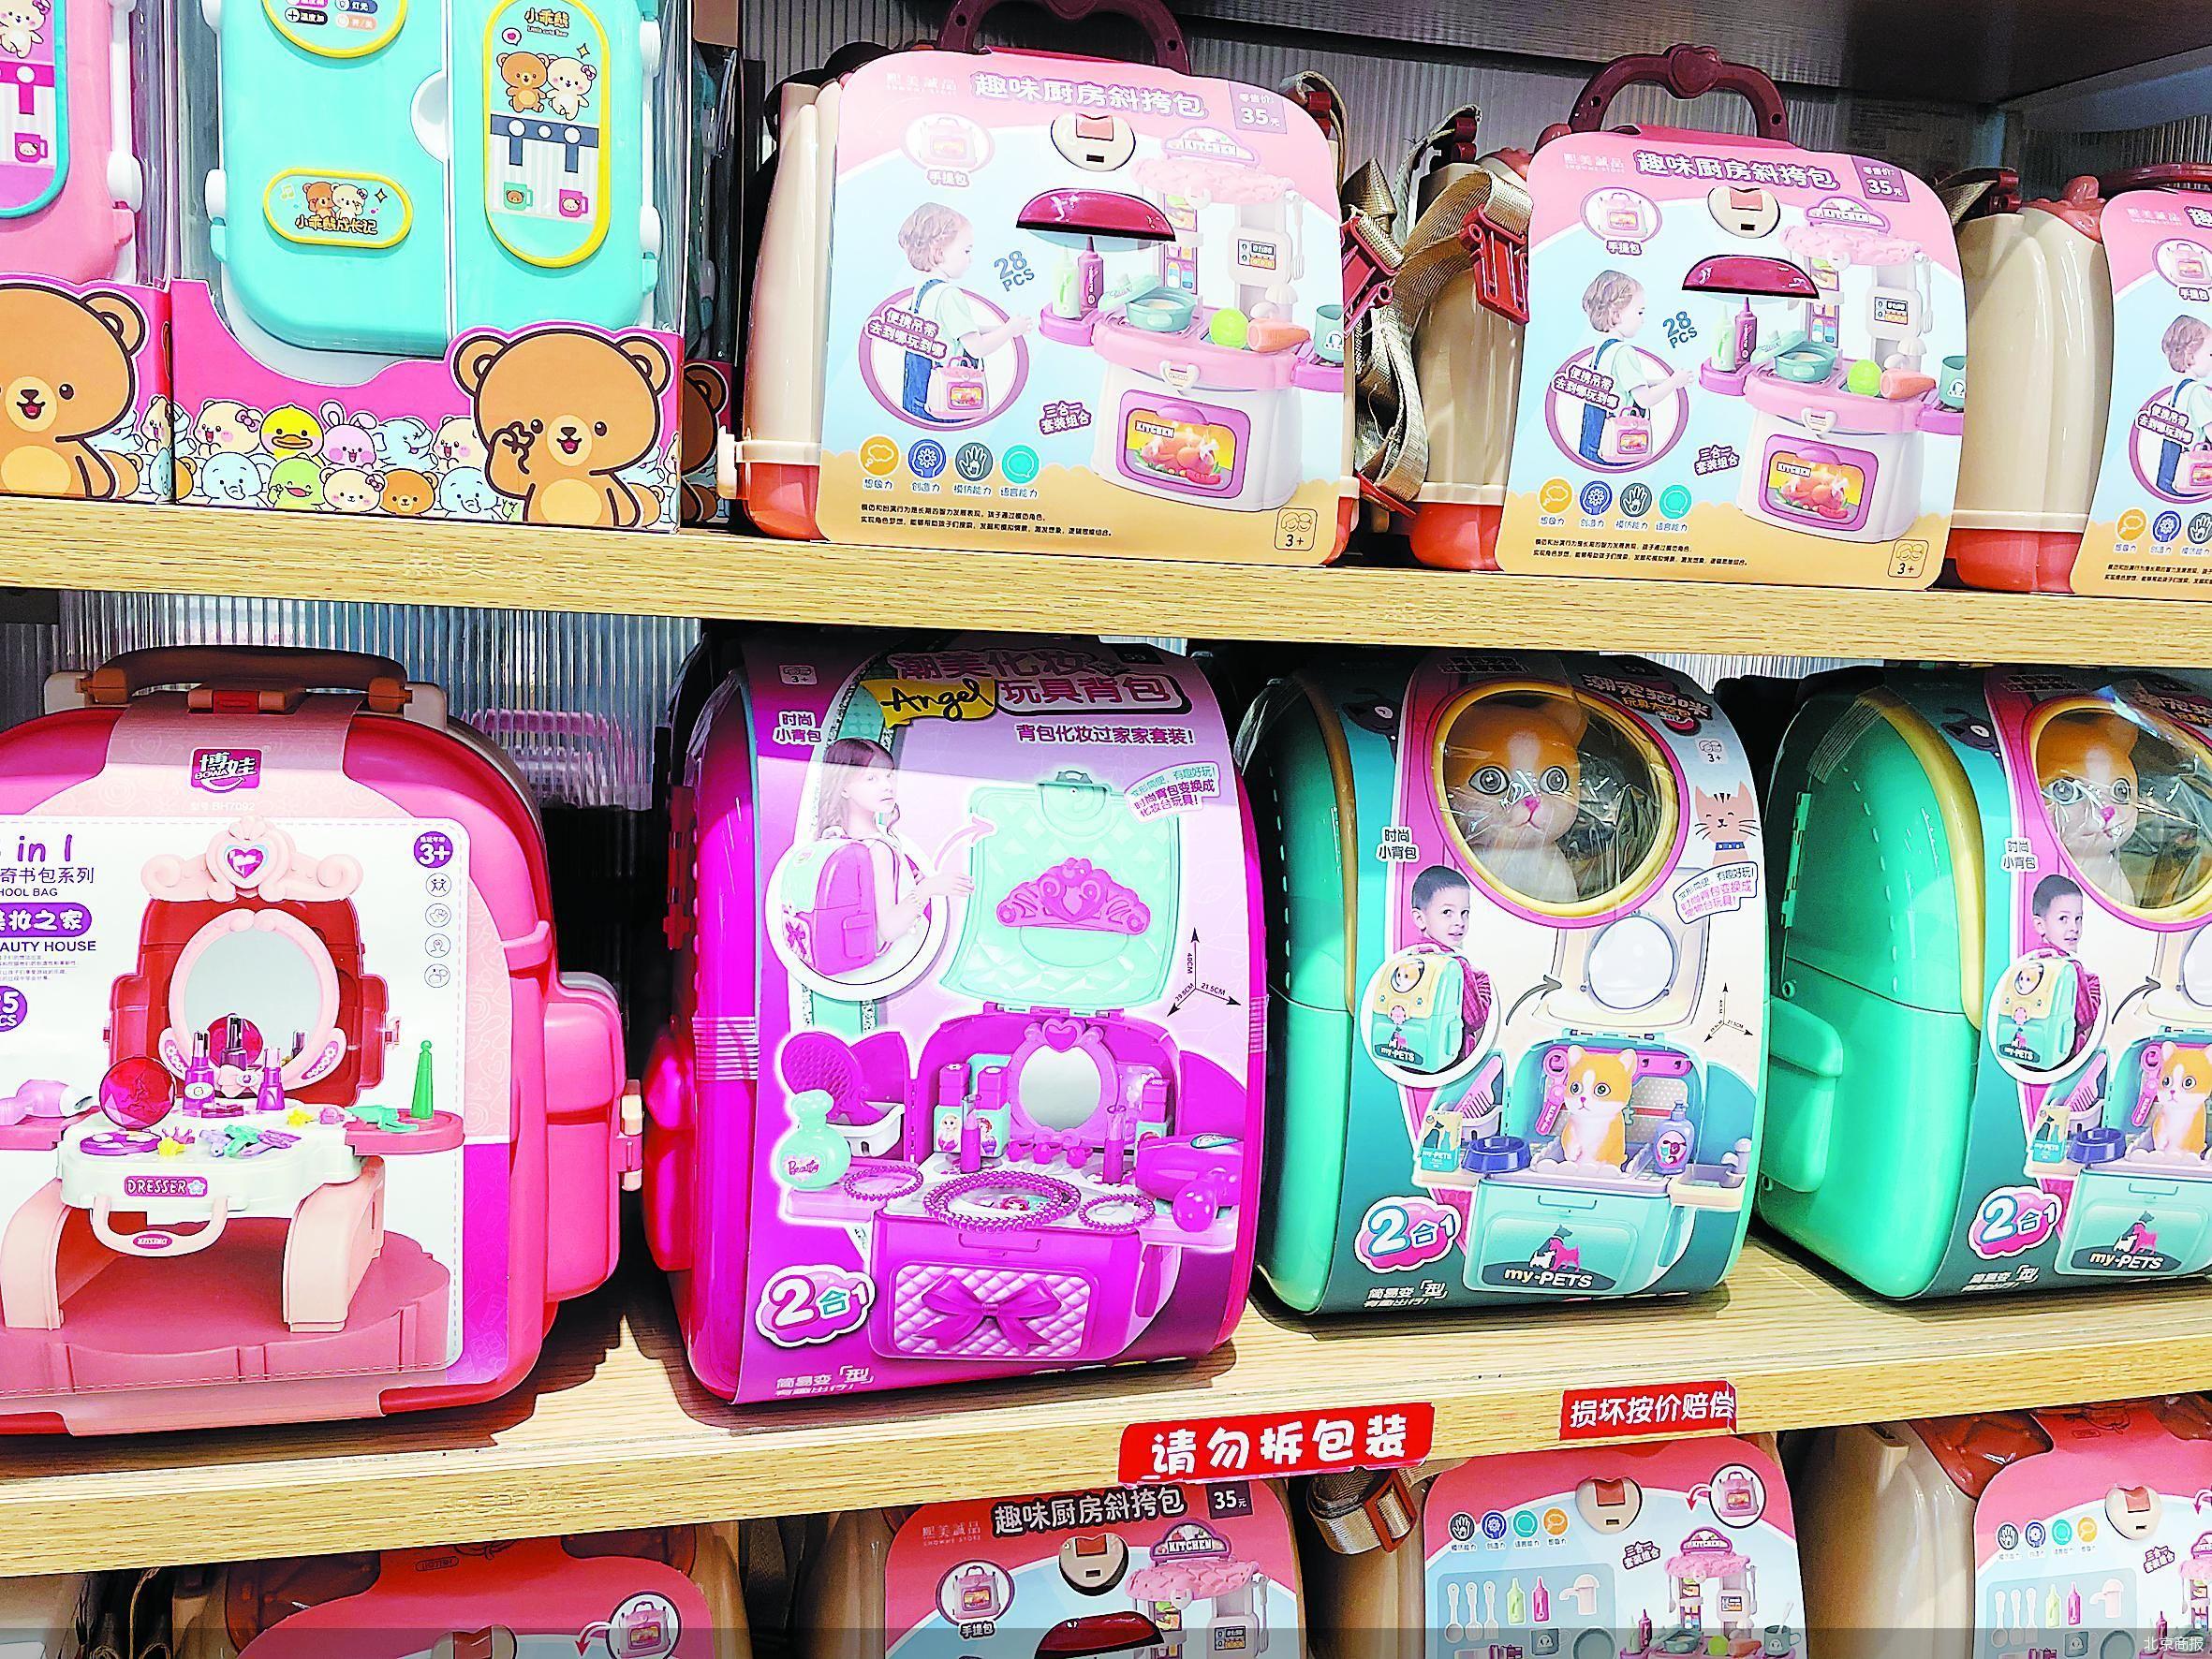 儿童化妆品火热起来 玩具盒里的儿童化妆品安全吗?